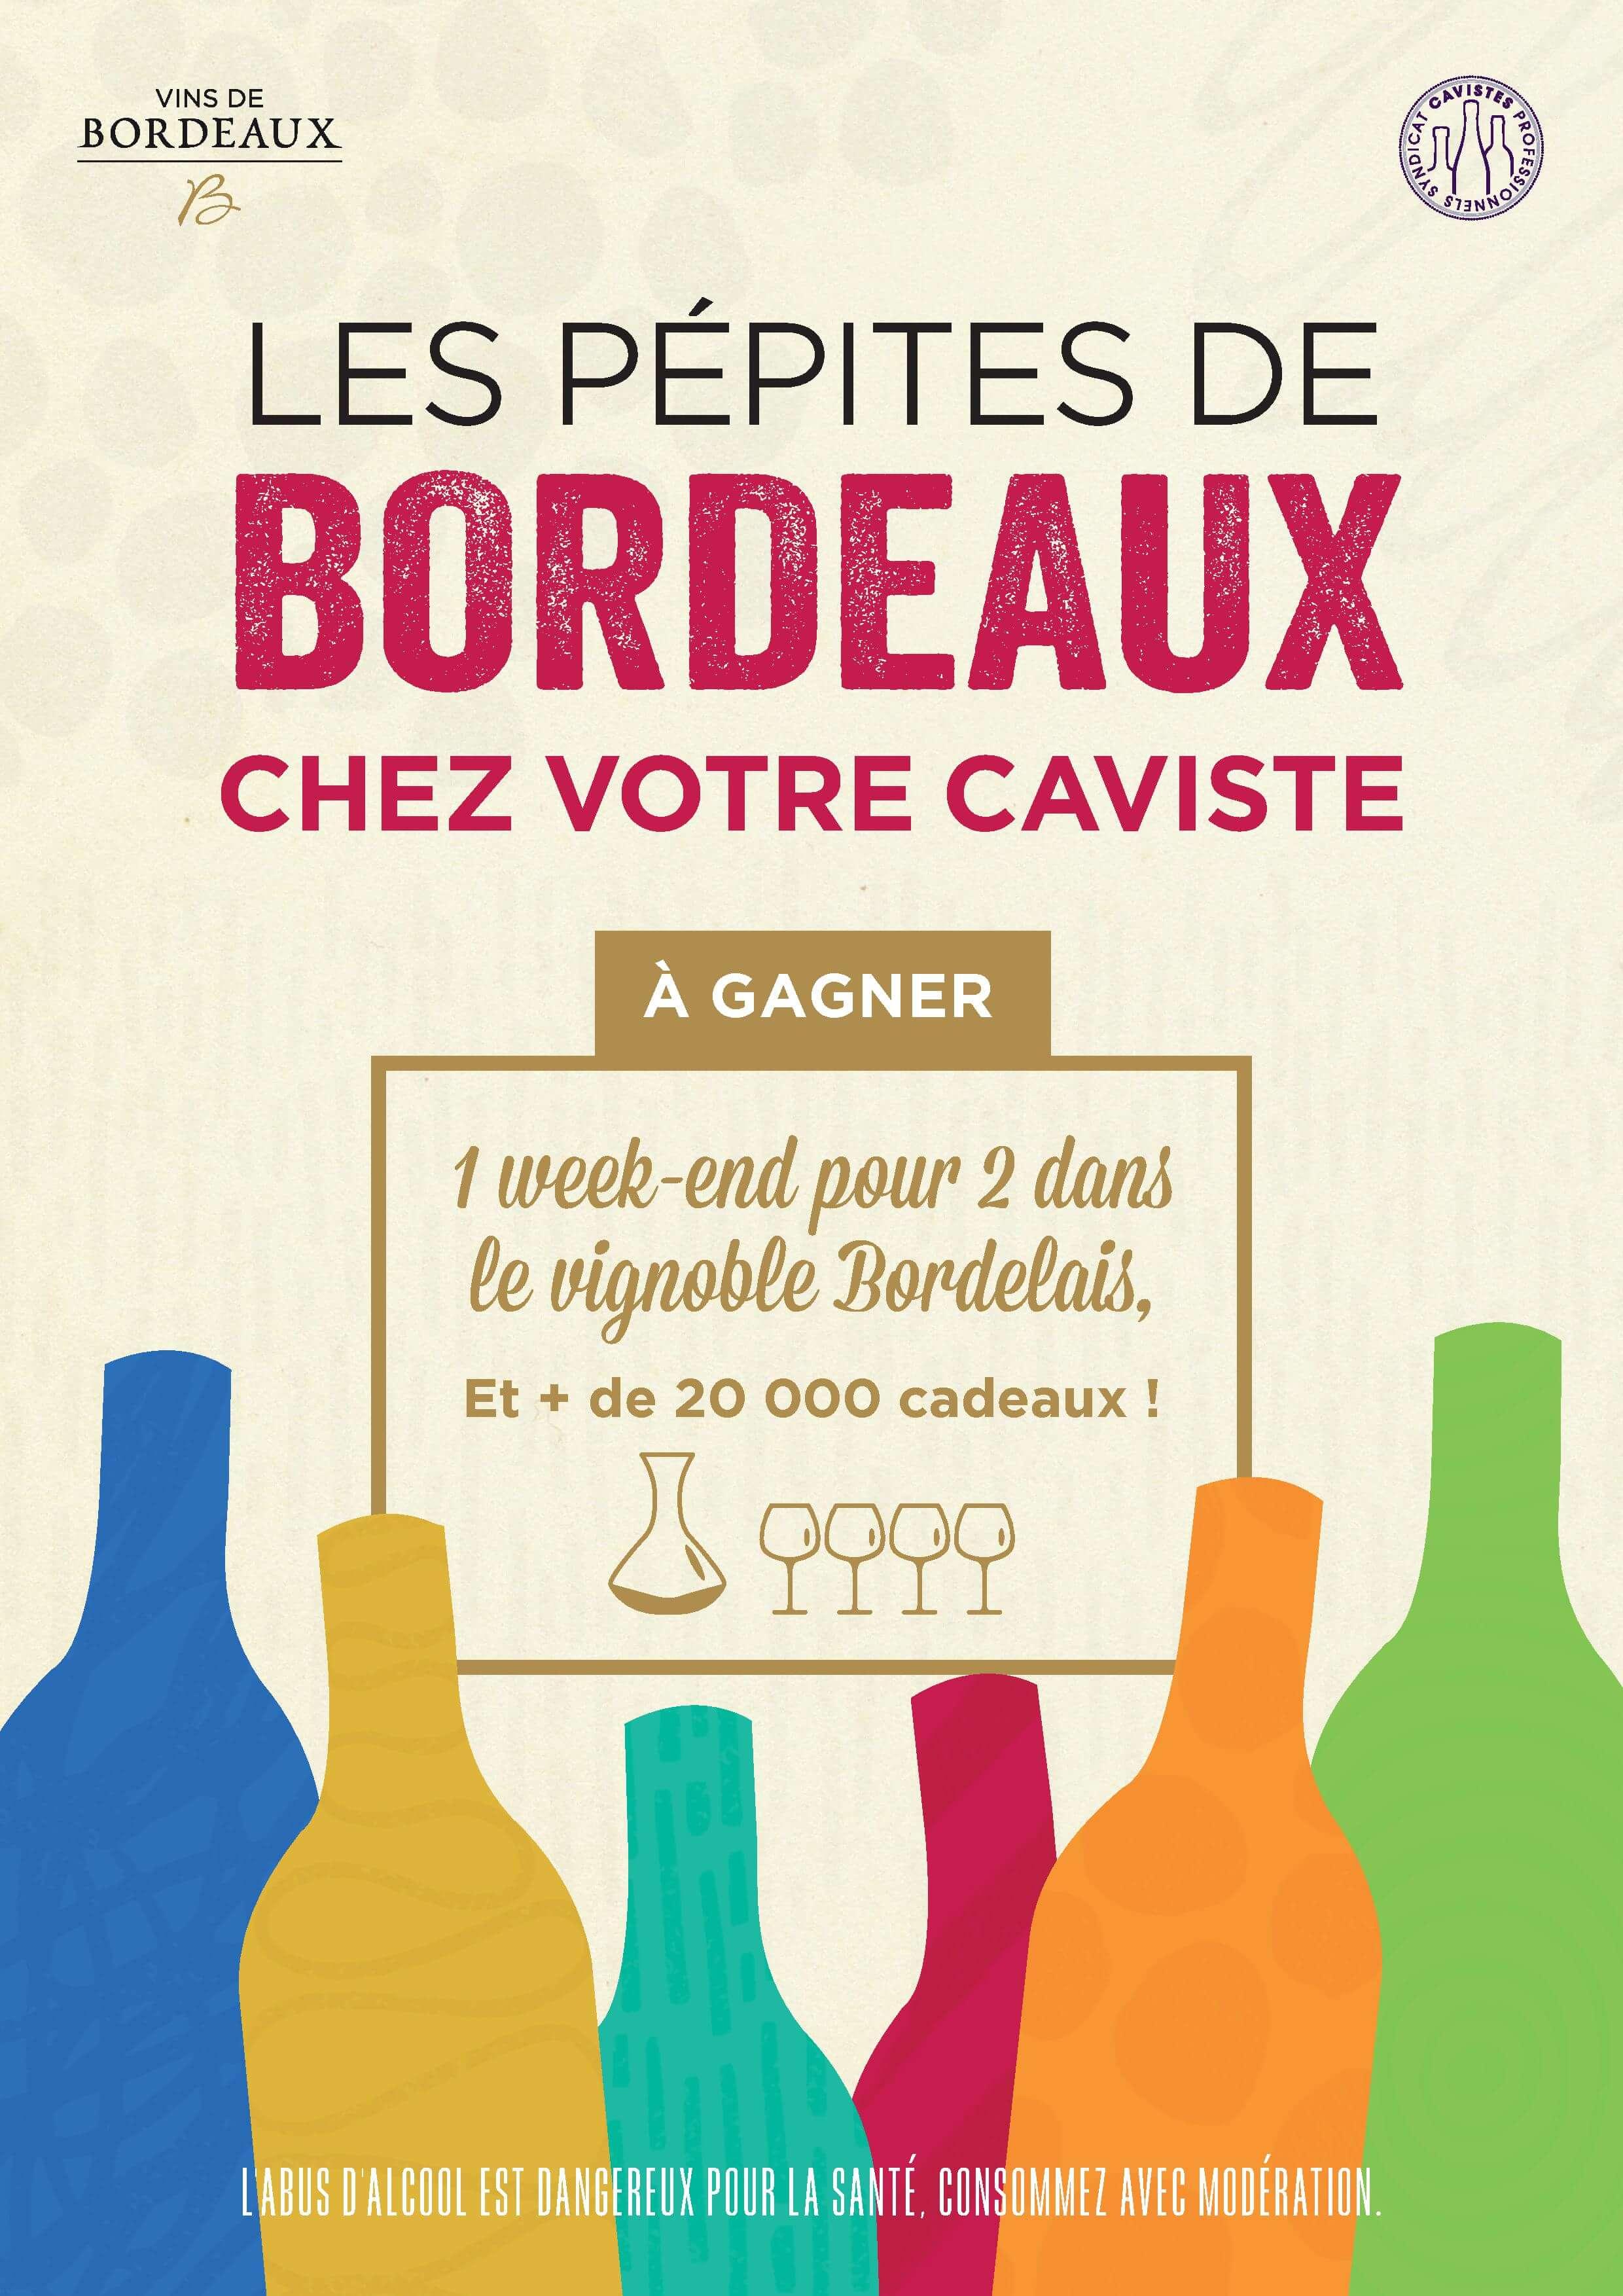 Affiche opé Pépites de Bordeaux chez les cavistes du 15 octobre au 15 novembre 2018